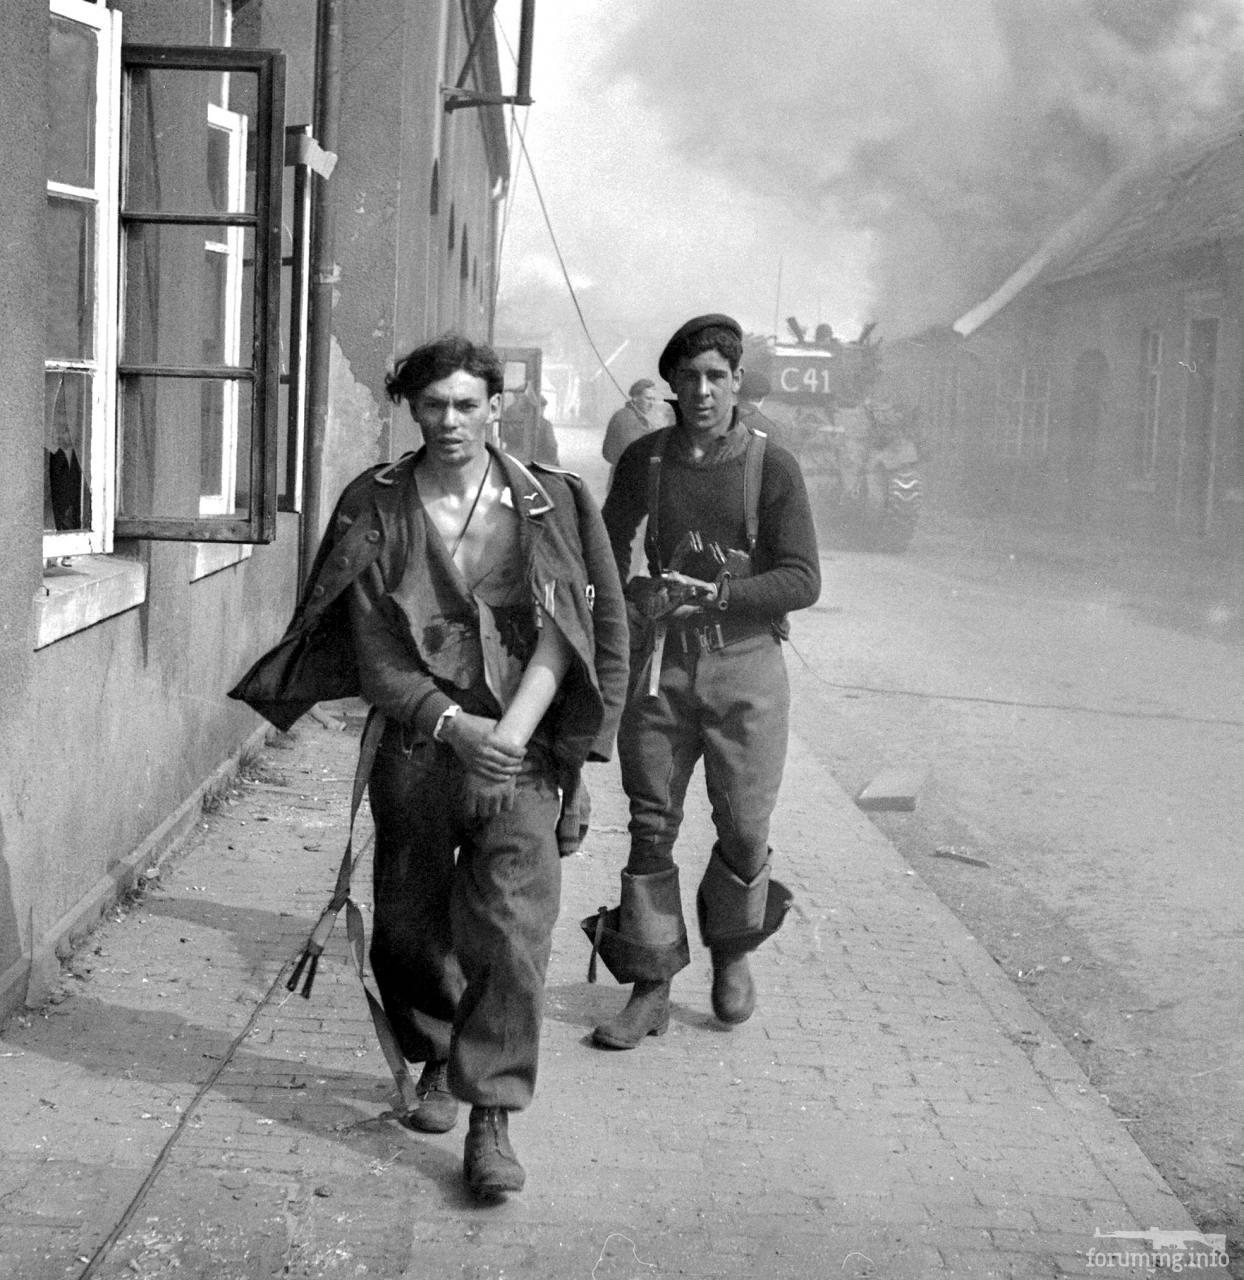 115380 - Военное фото 1939-1945 г.г. Западный фронт и Африка.